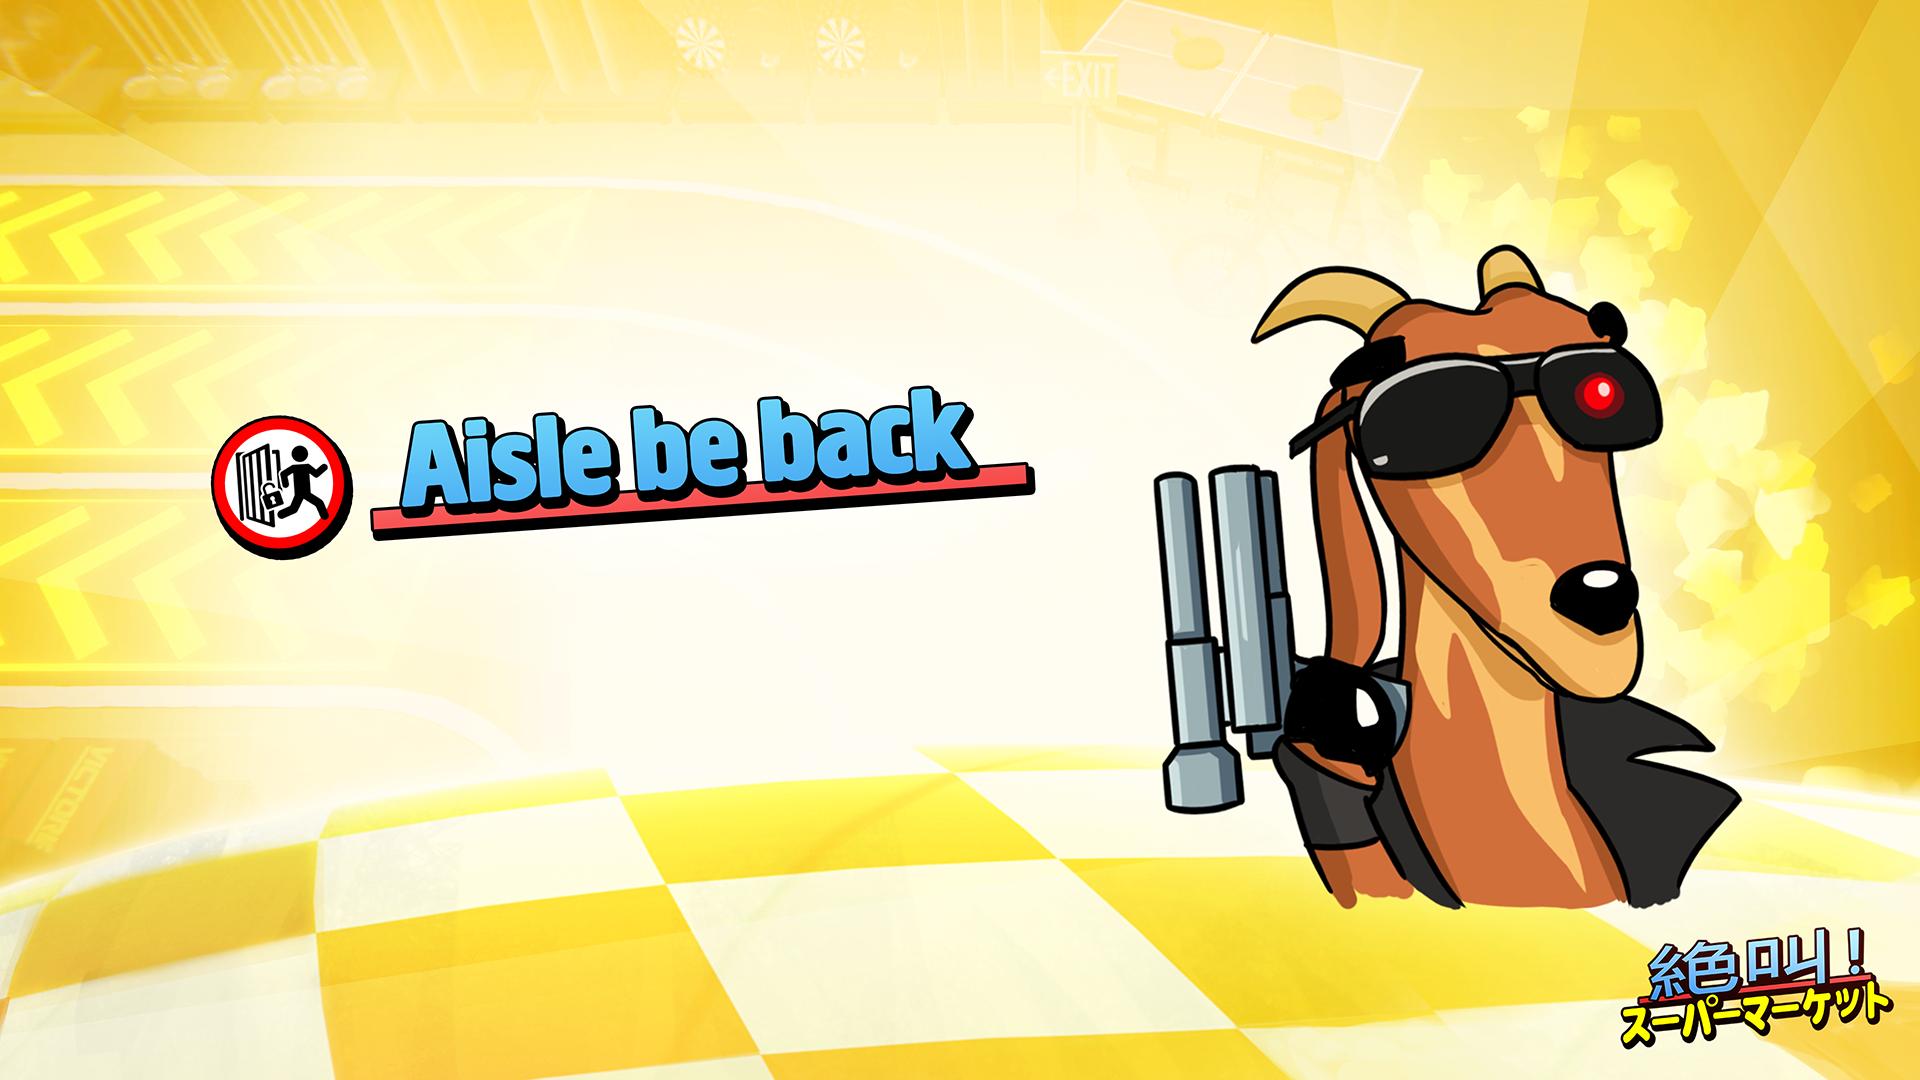 Aisle be back